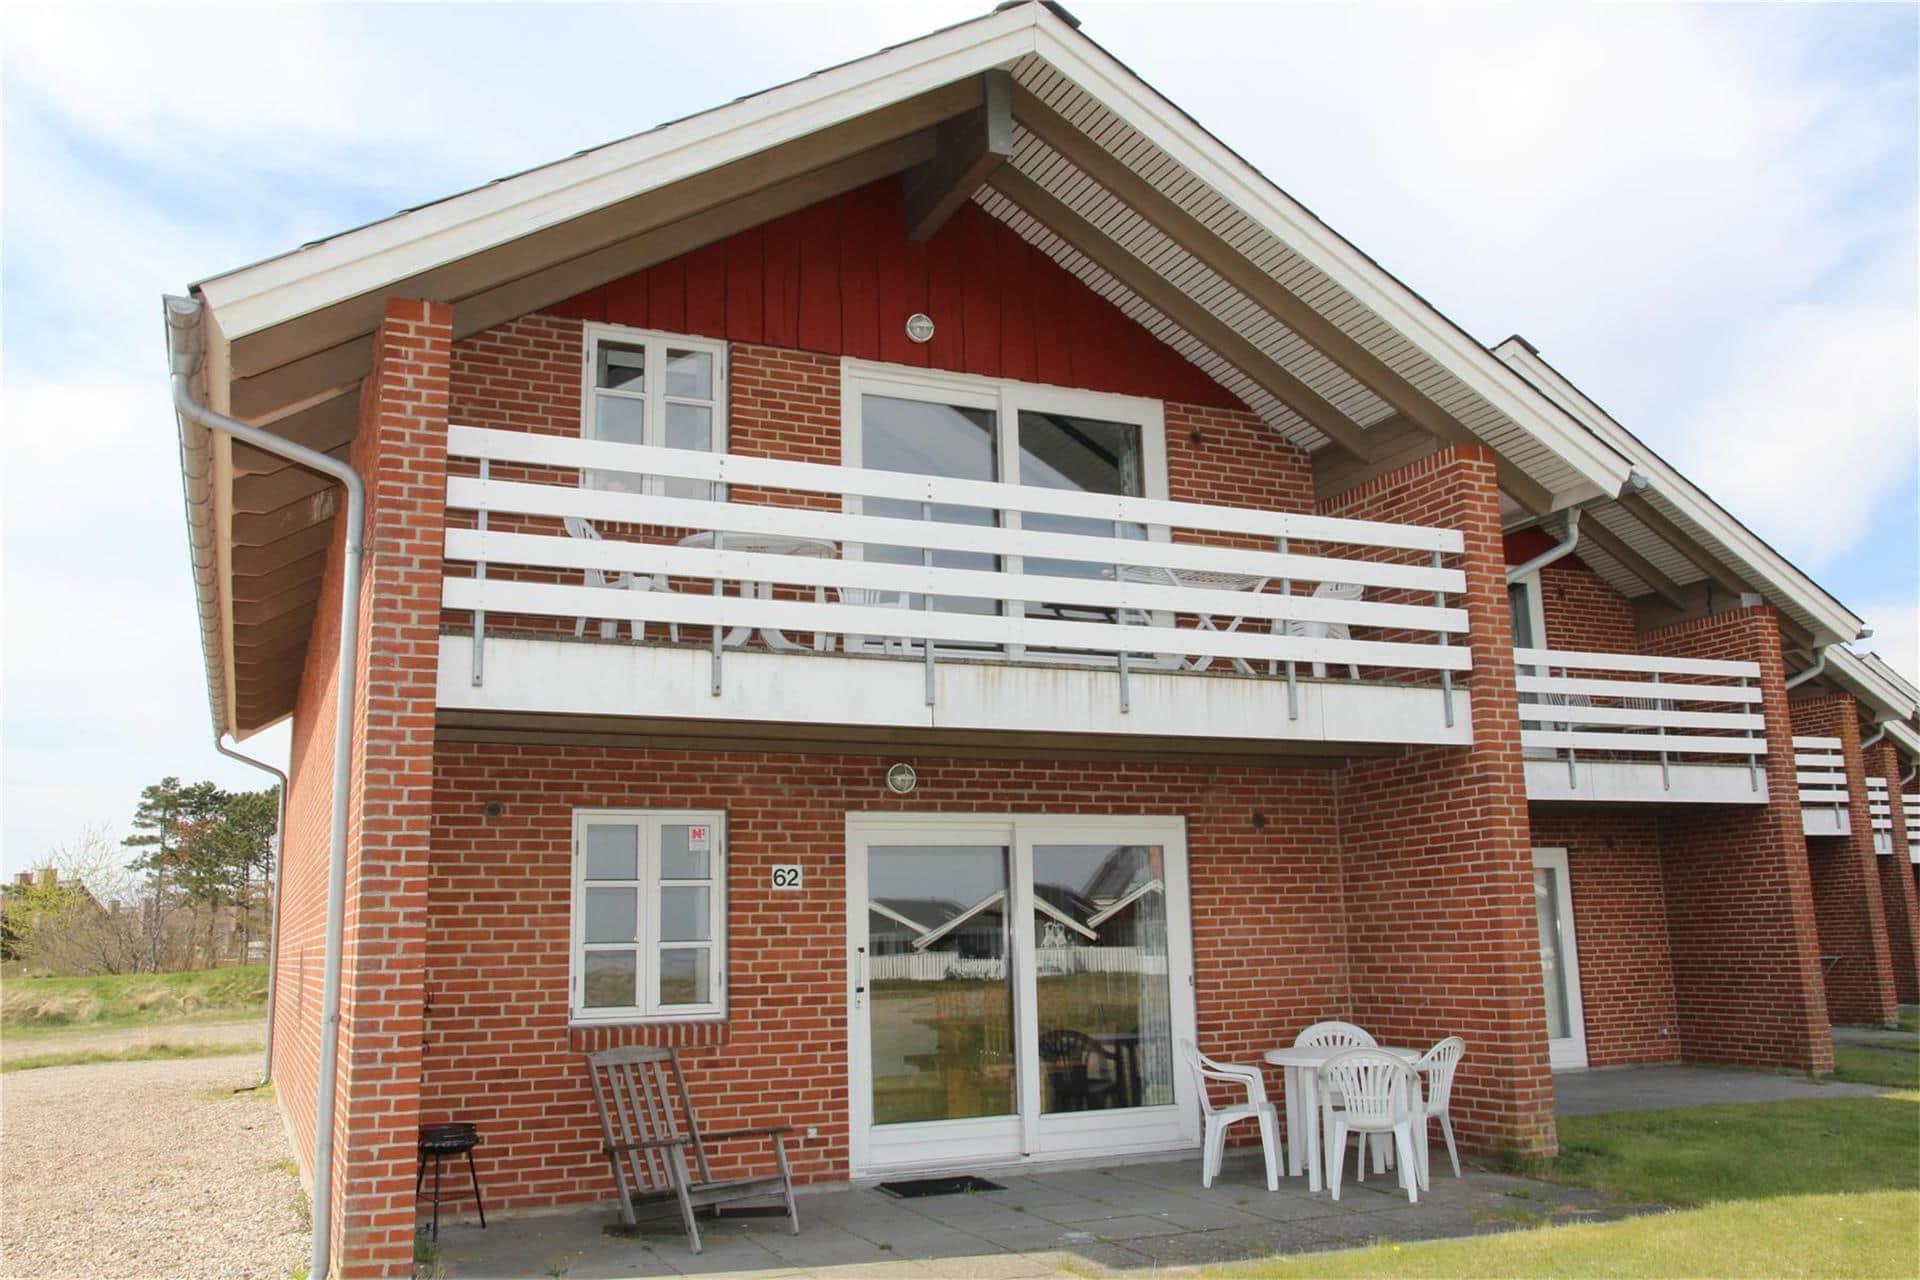 Billede 1-11 Sommerhus 0296, Vestergade 3, DK - 6792 Rømø